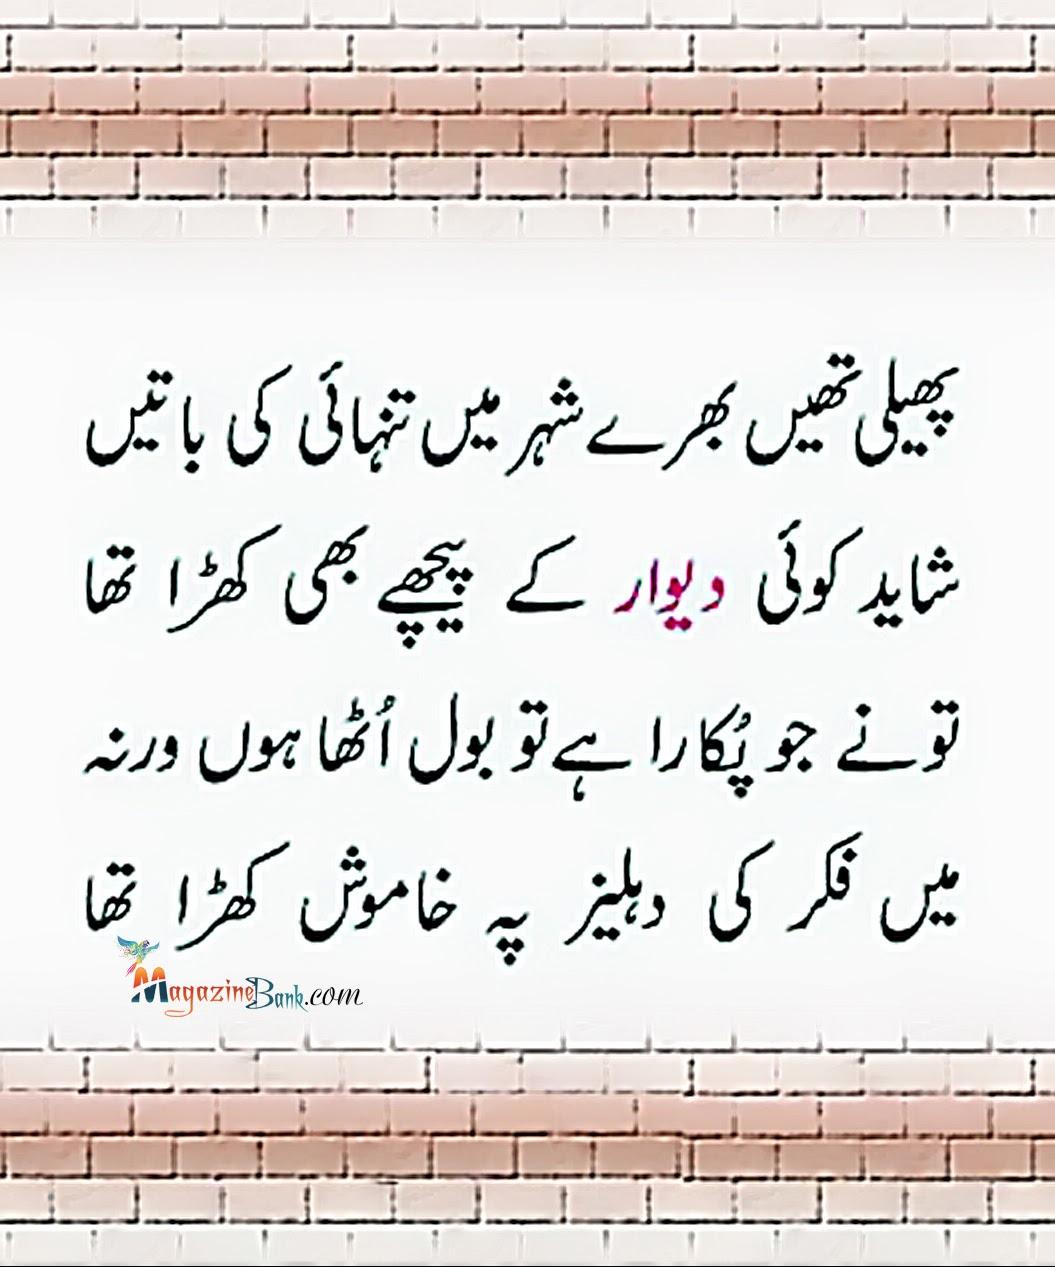 Shayari On Friendship In Urdu Urdu poetry ghazal and shayari